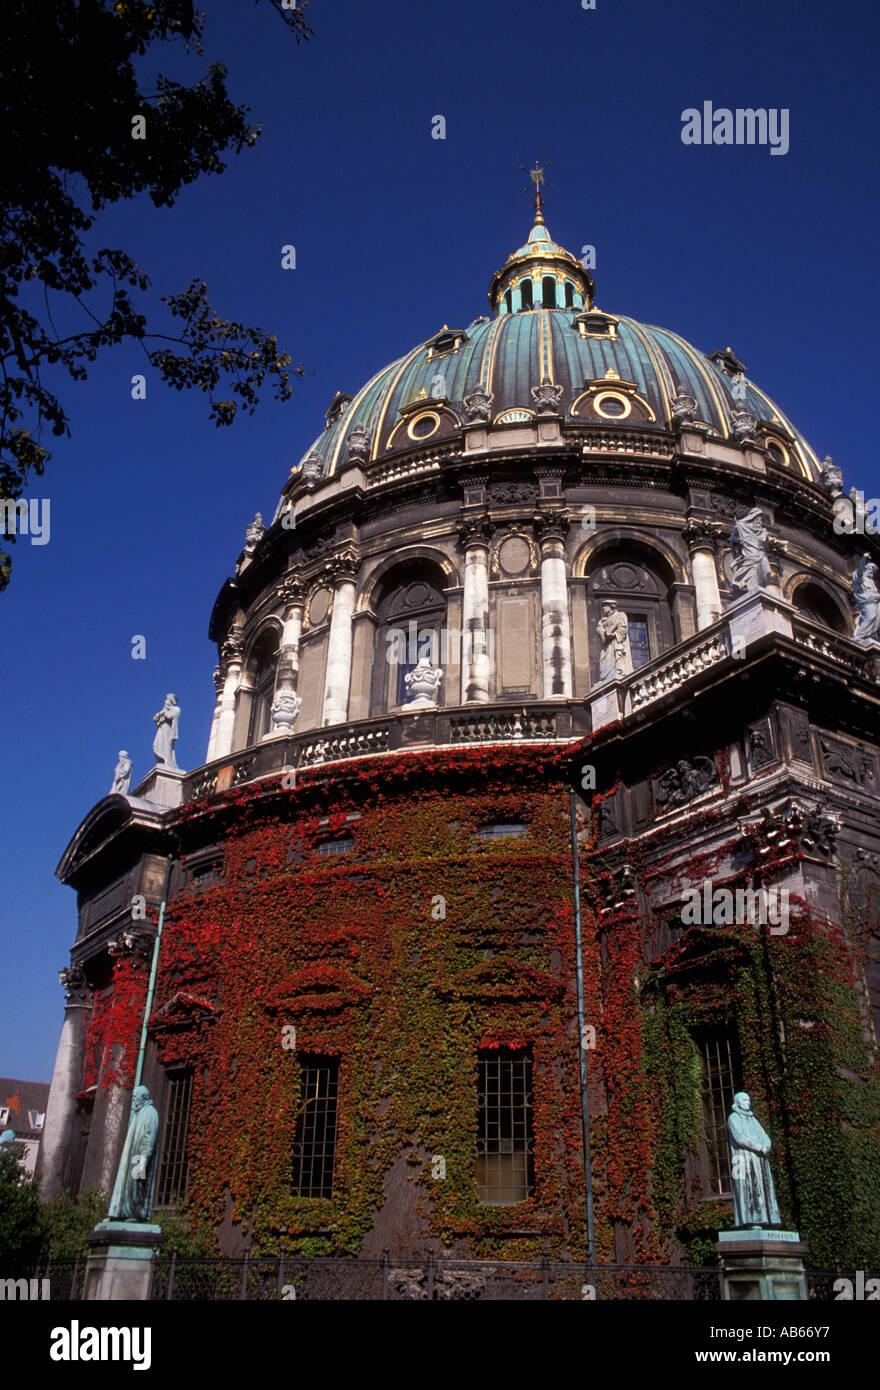 Frederick's Marble Church, Frederikskirken, Protestant church, Christian church, Copenhagen, Denmark, Europe - Stock Image